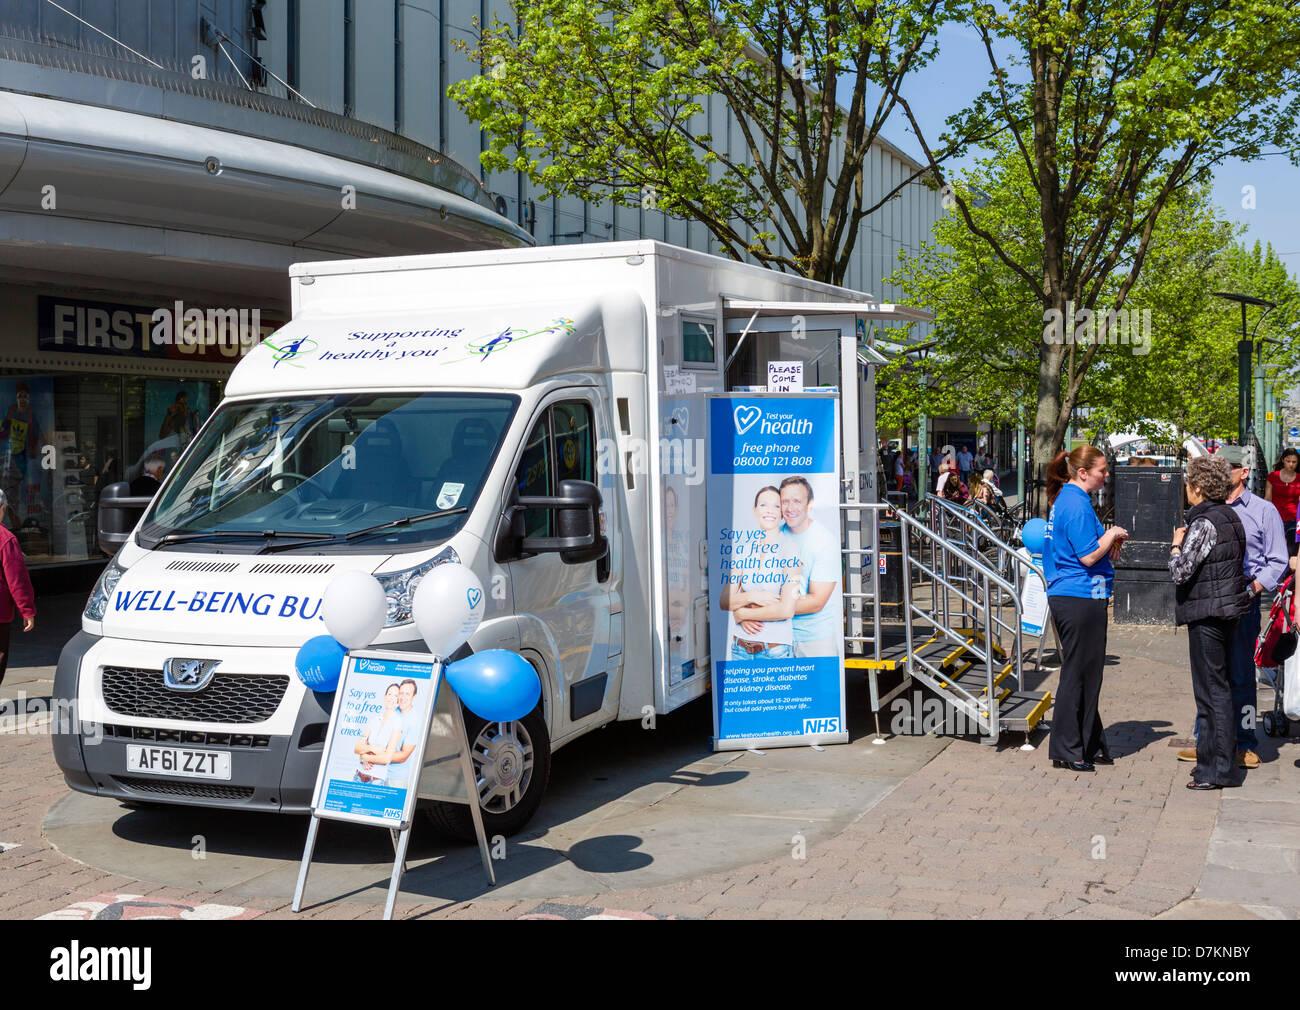 Der NHS gut sein Bus gratis Gesundheit prüft im Zentrum Stadt, Doncaster, South Yorkshire, England, UK Stockbild